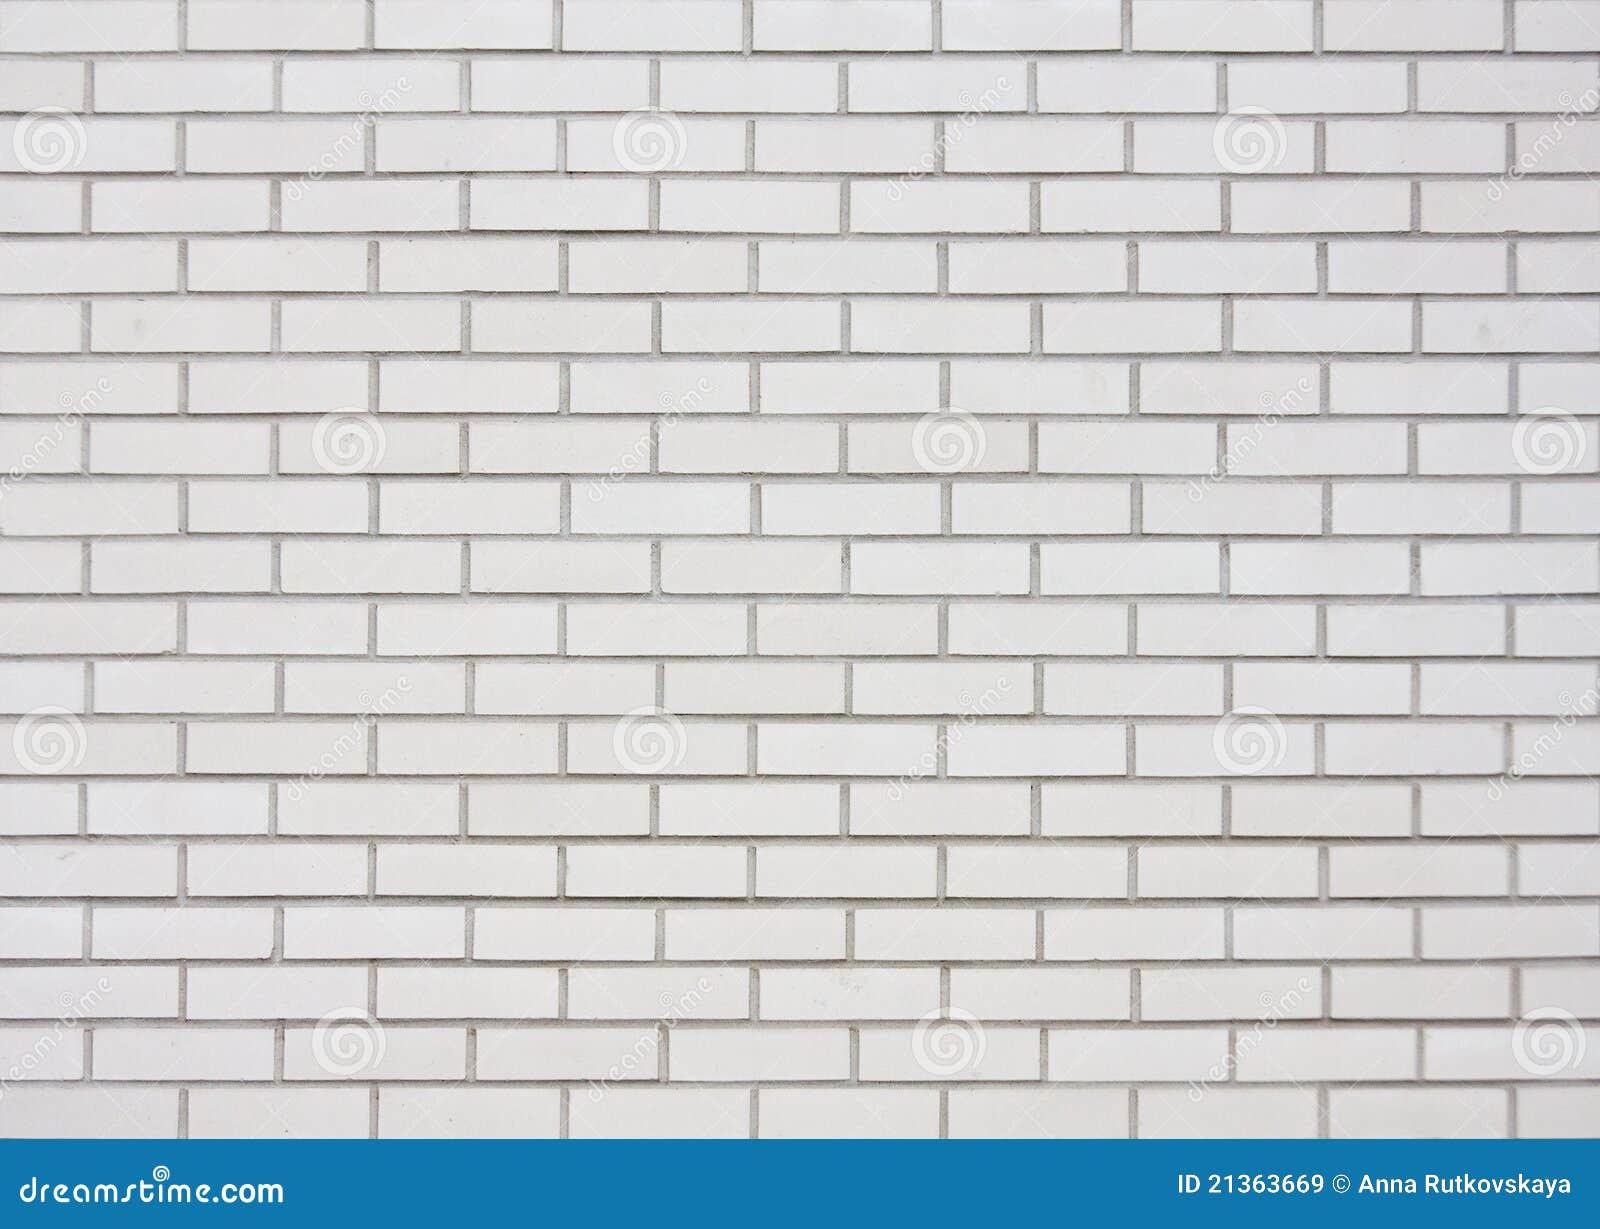 mur de briques blanc images libres de droits image 21363669. Black Bedroom Furniture Sets. Home Design Ideas